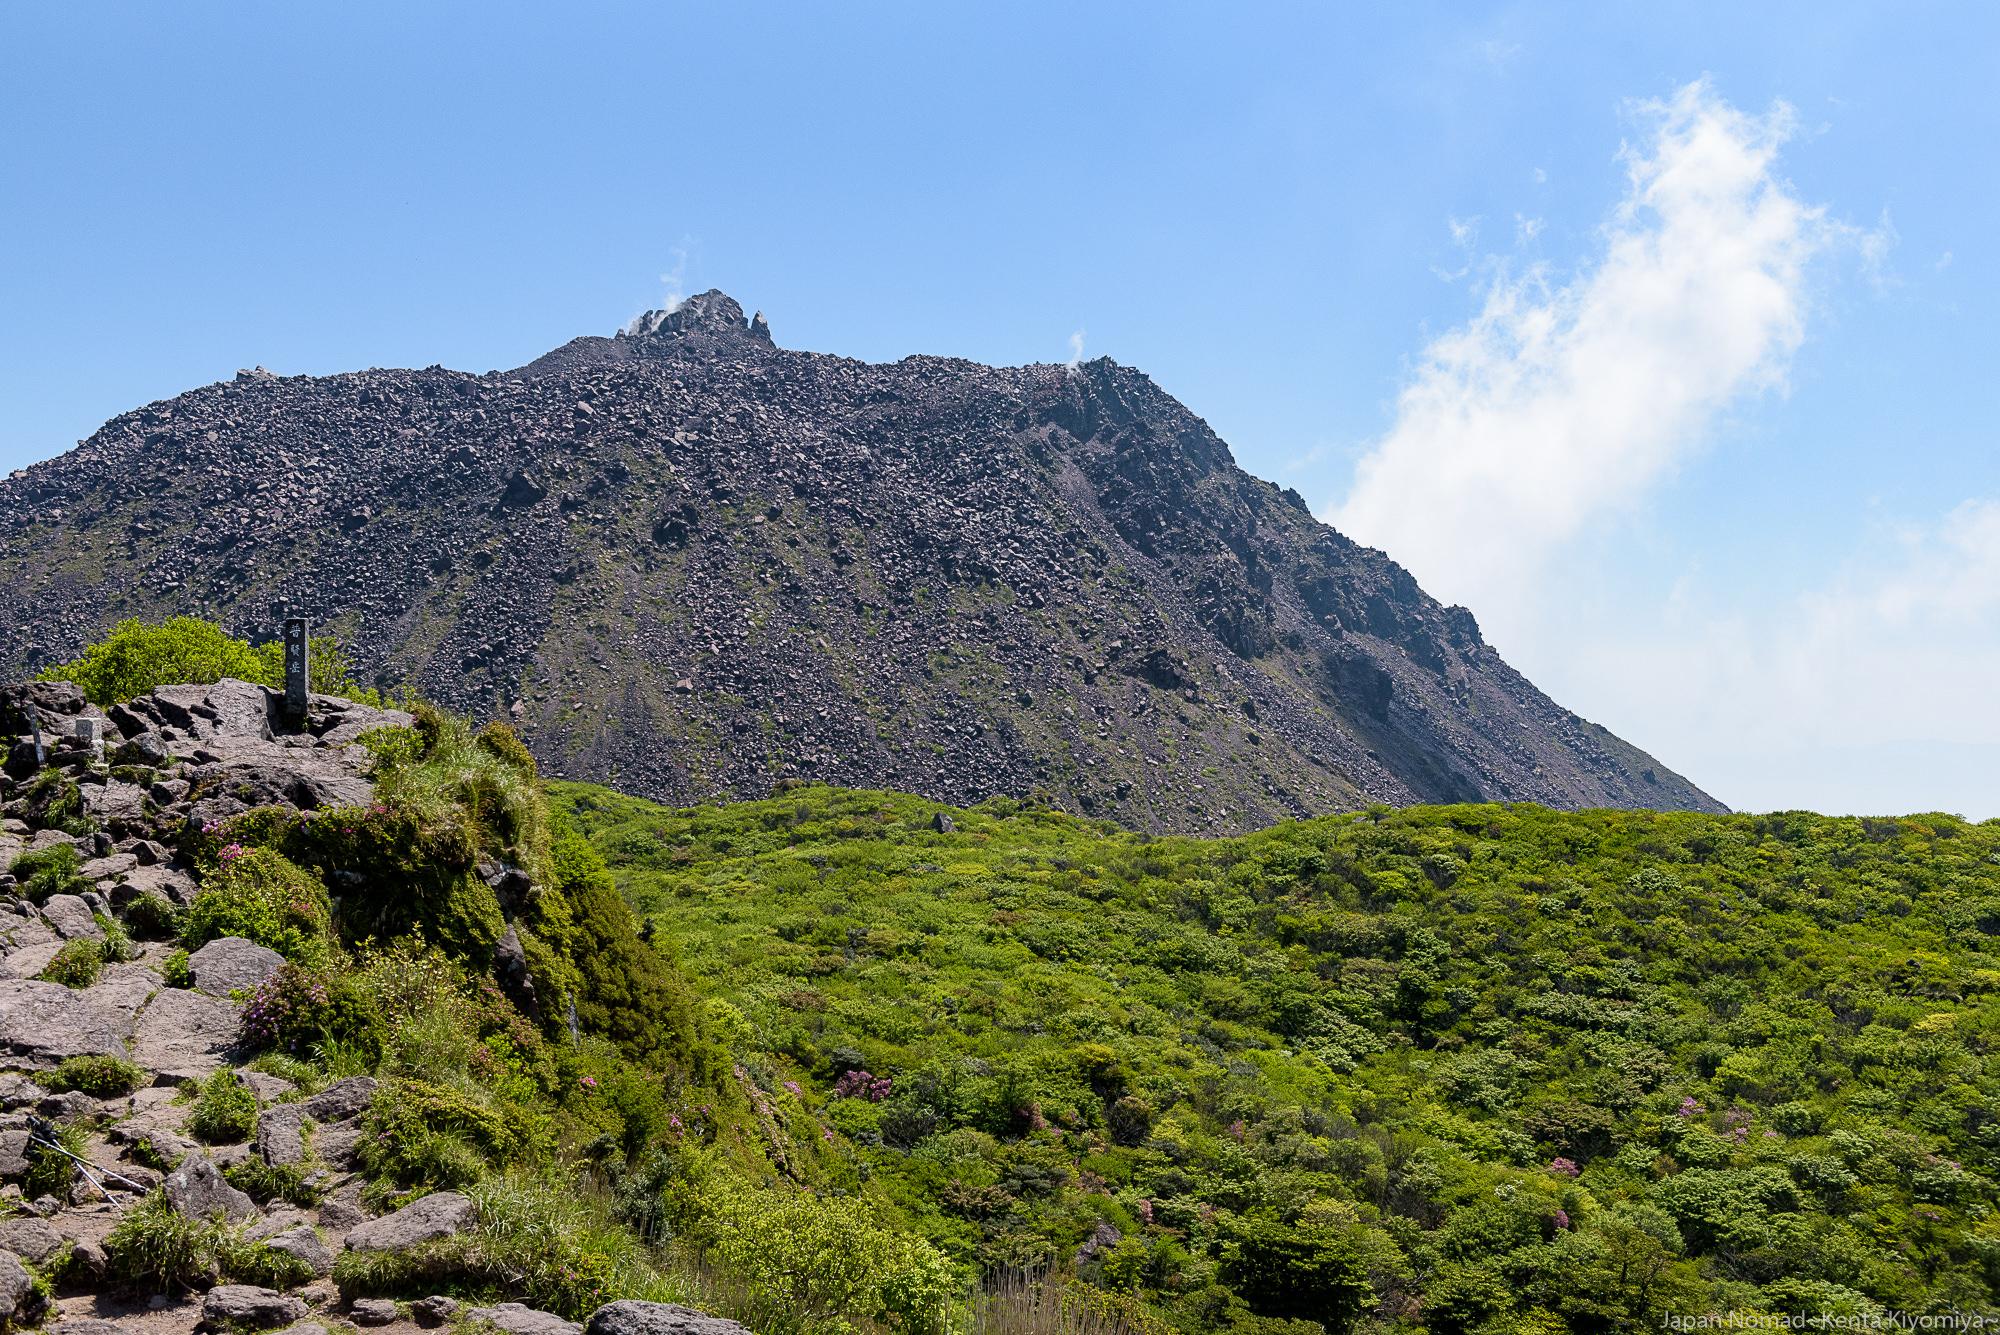 【九州】雲仙岳 登山(夏山・日帰り)絶景のミヤマキリシマ、ピンクに染まる仁田峠